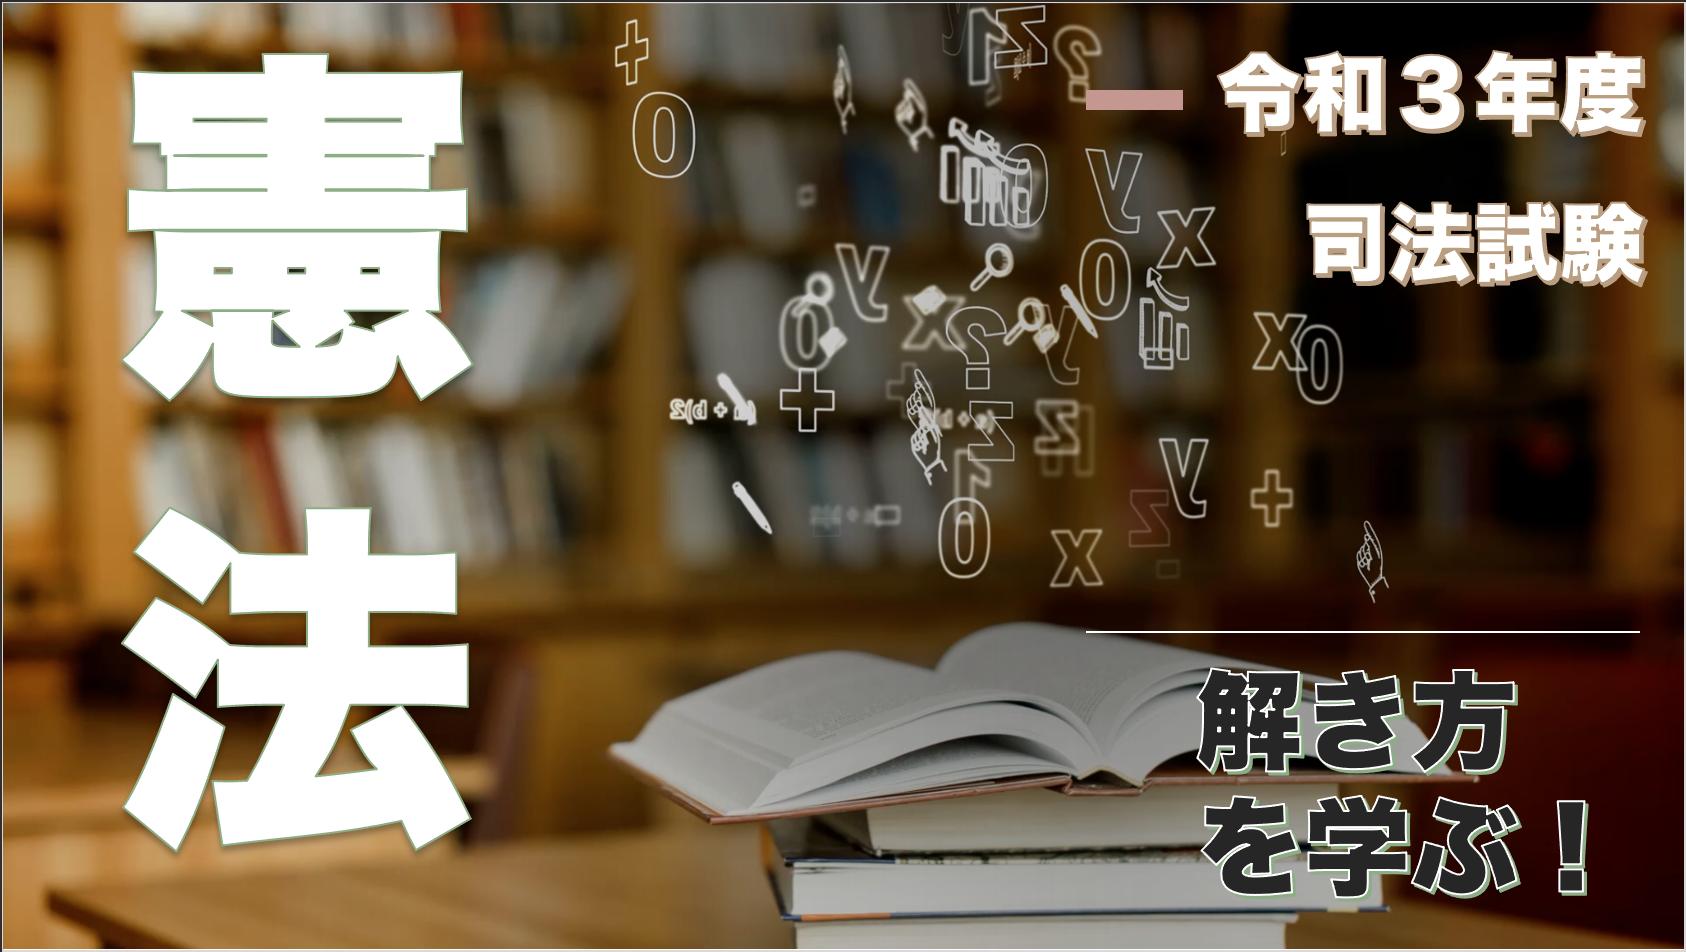 令和3年度司法試験憲法の解き方を学ぶ!(解答案付き)